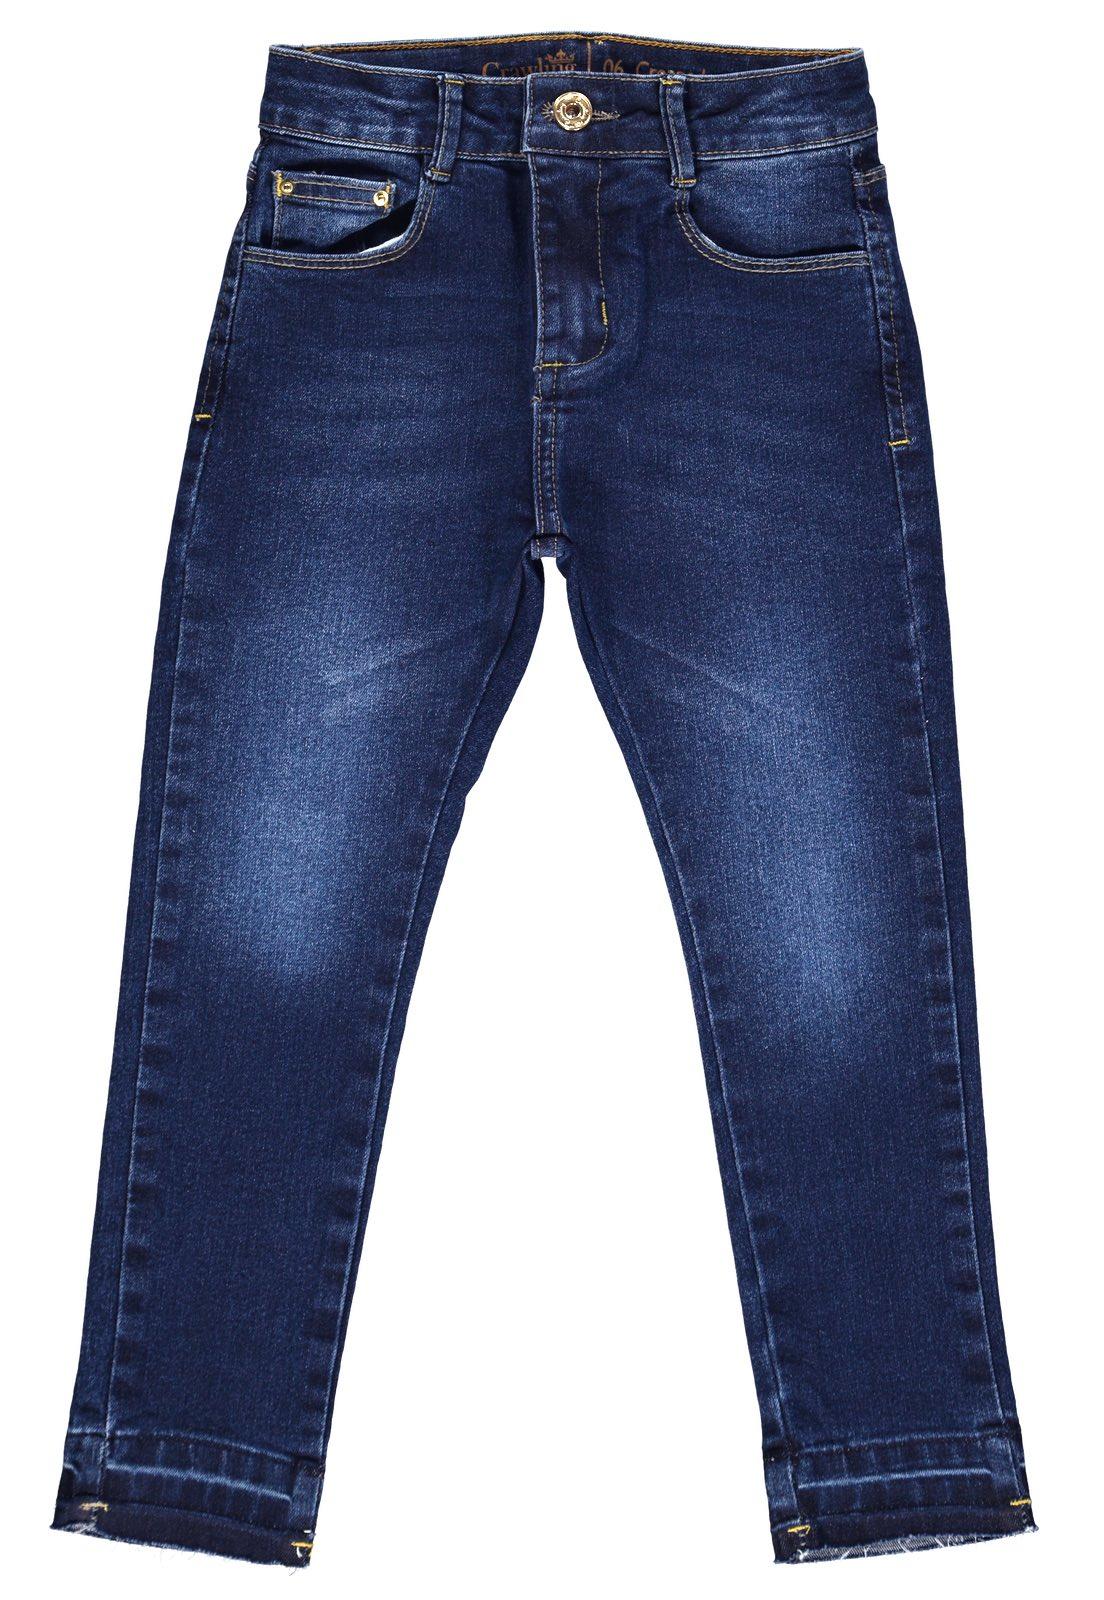 Calça Feminina Crawling Cropped Jeans